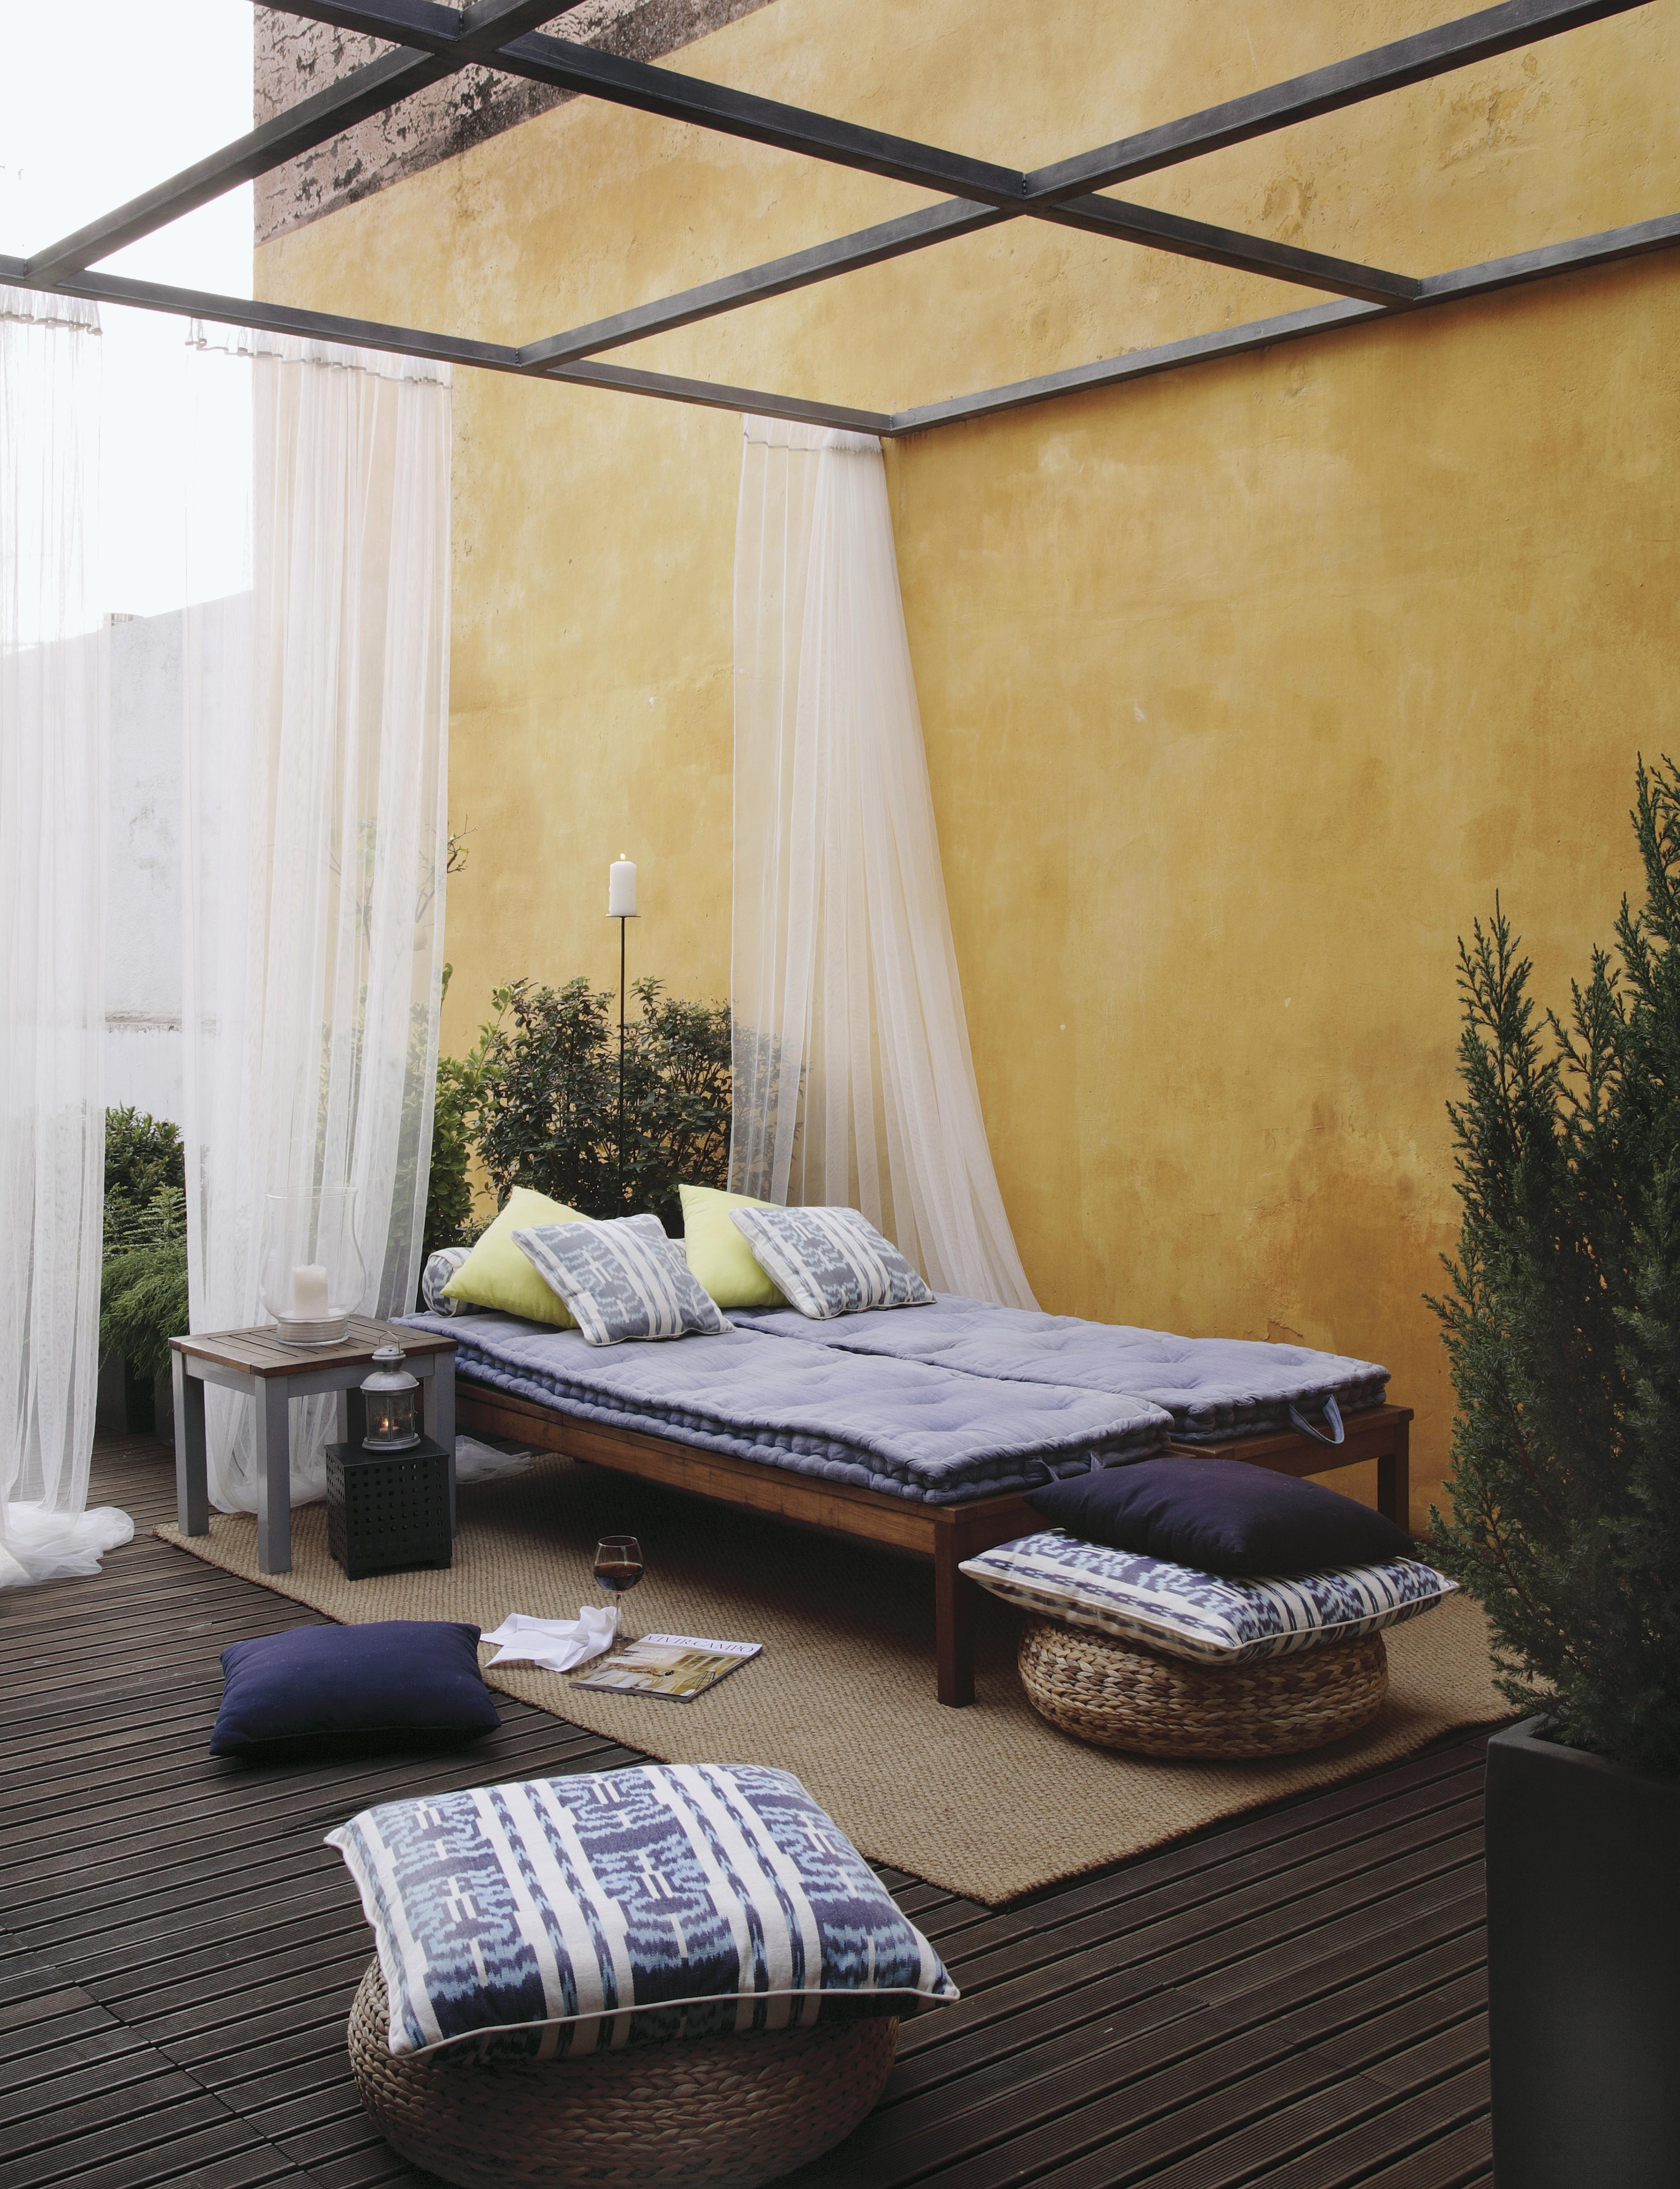 Nos conseils pour se créer un espace détente au jardin